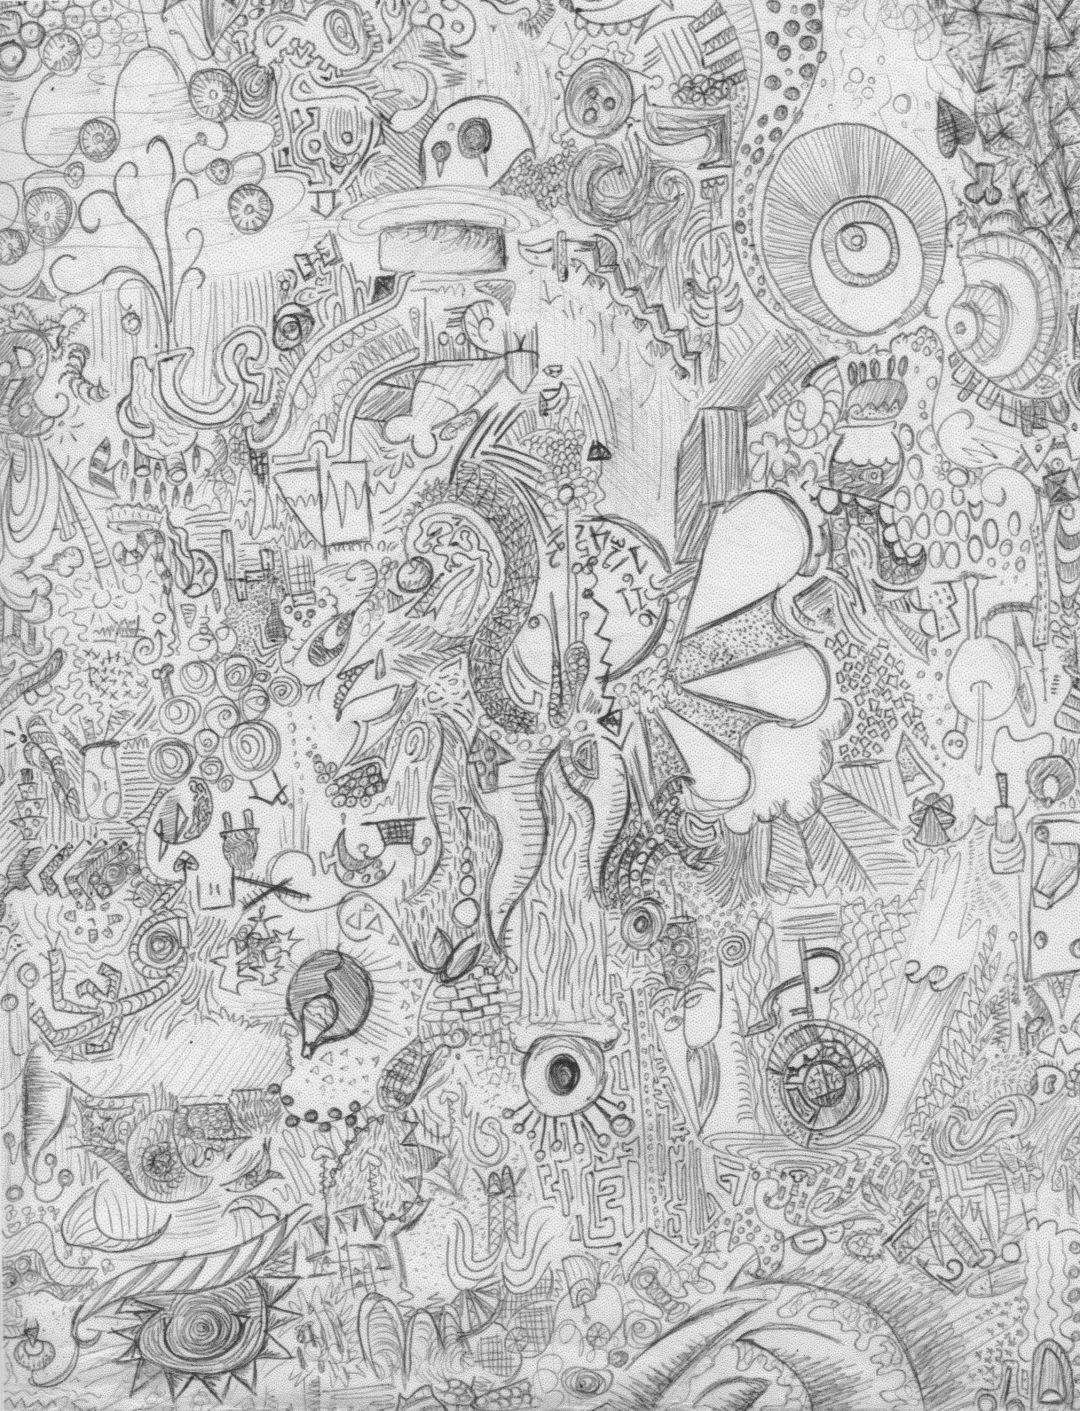 Doodle6 (2)